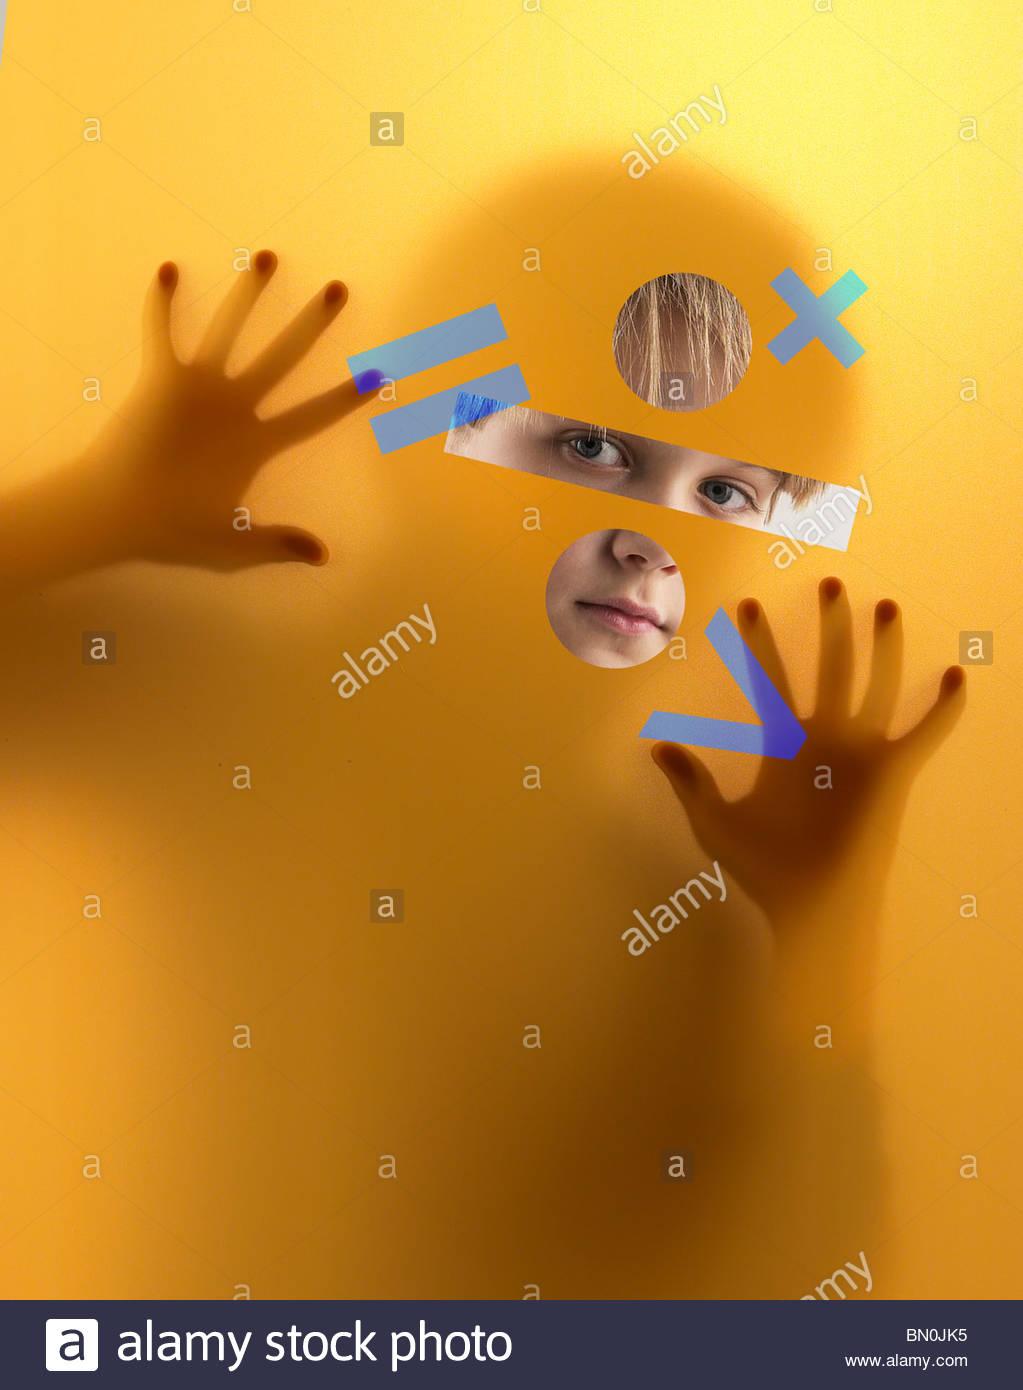 Ein Junge blickt durch ein Sieb in Mathematik Symbole abgedeckt Stockfoto